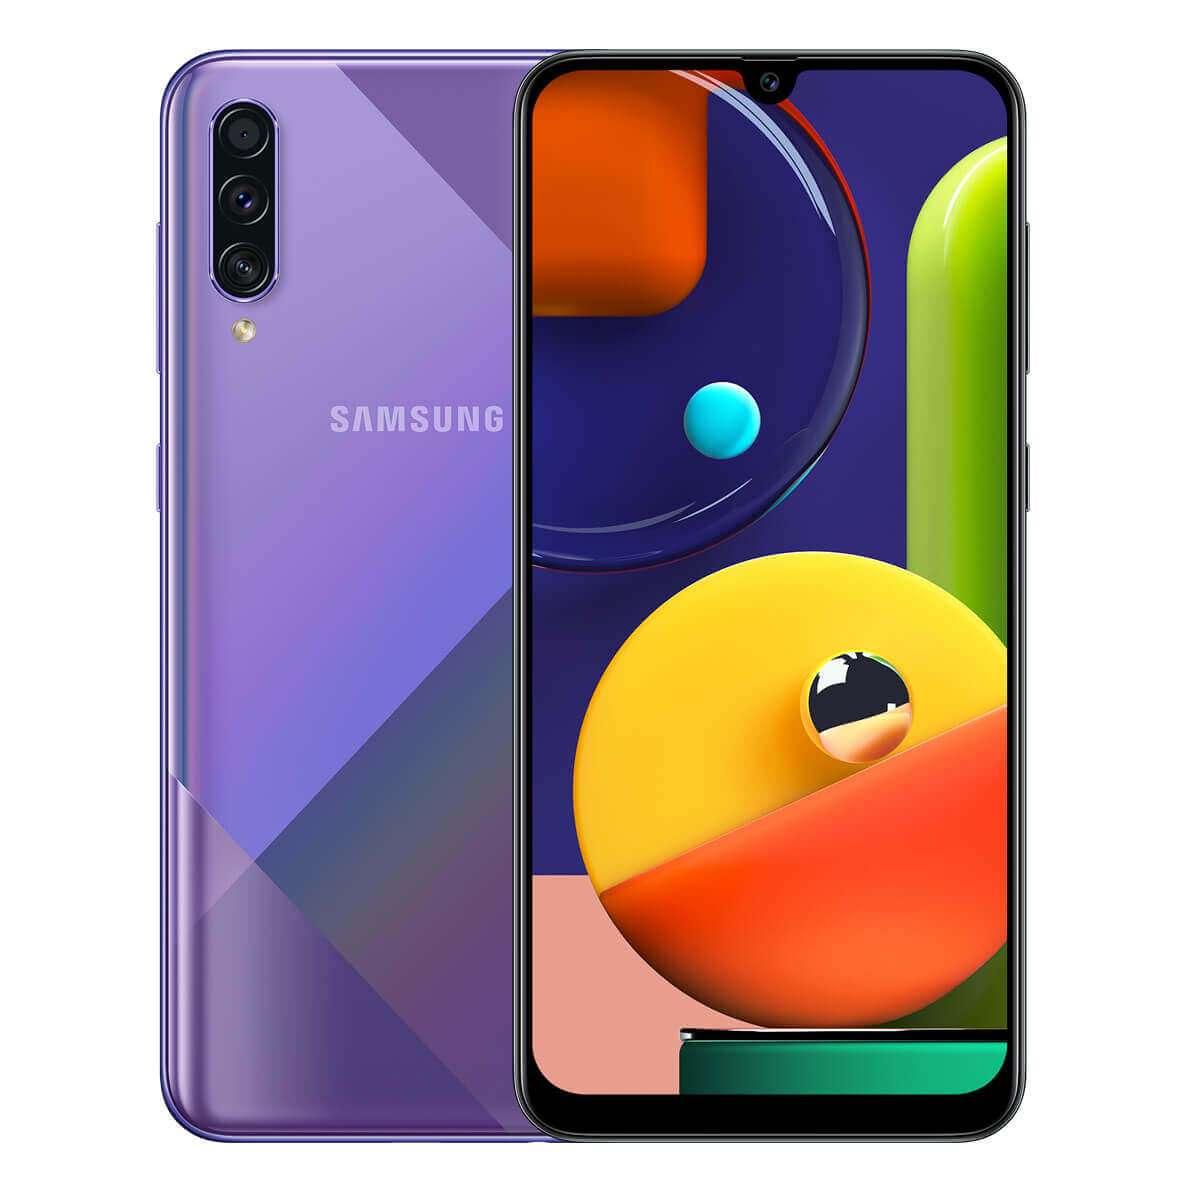 Samsung Galaxy A50s Dual Sim,128 GB, 6GB RAM,4G LTE, Prism Crush Violet